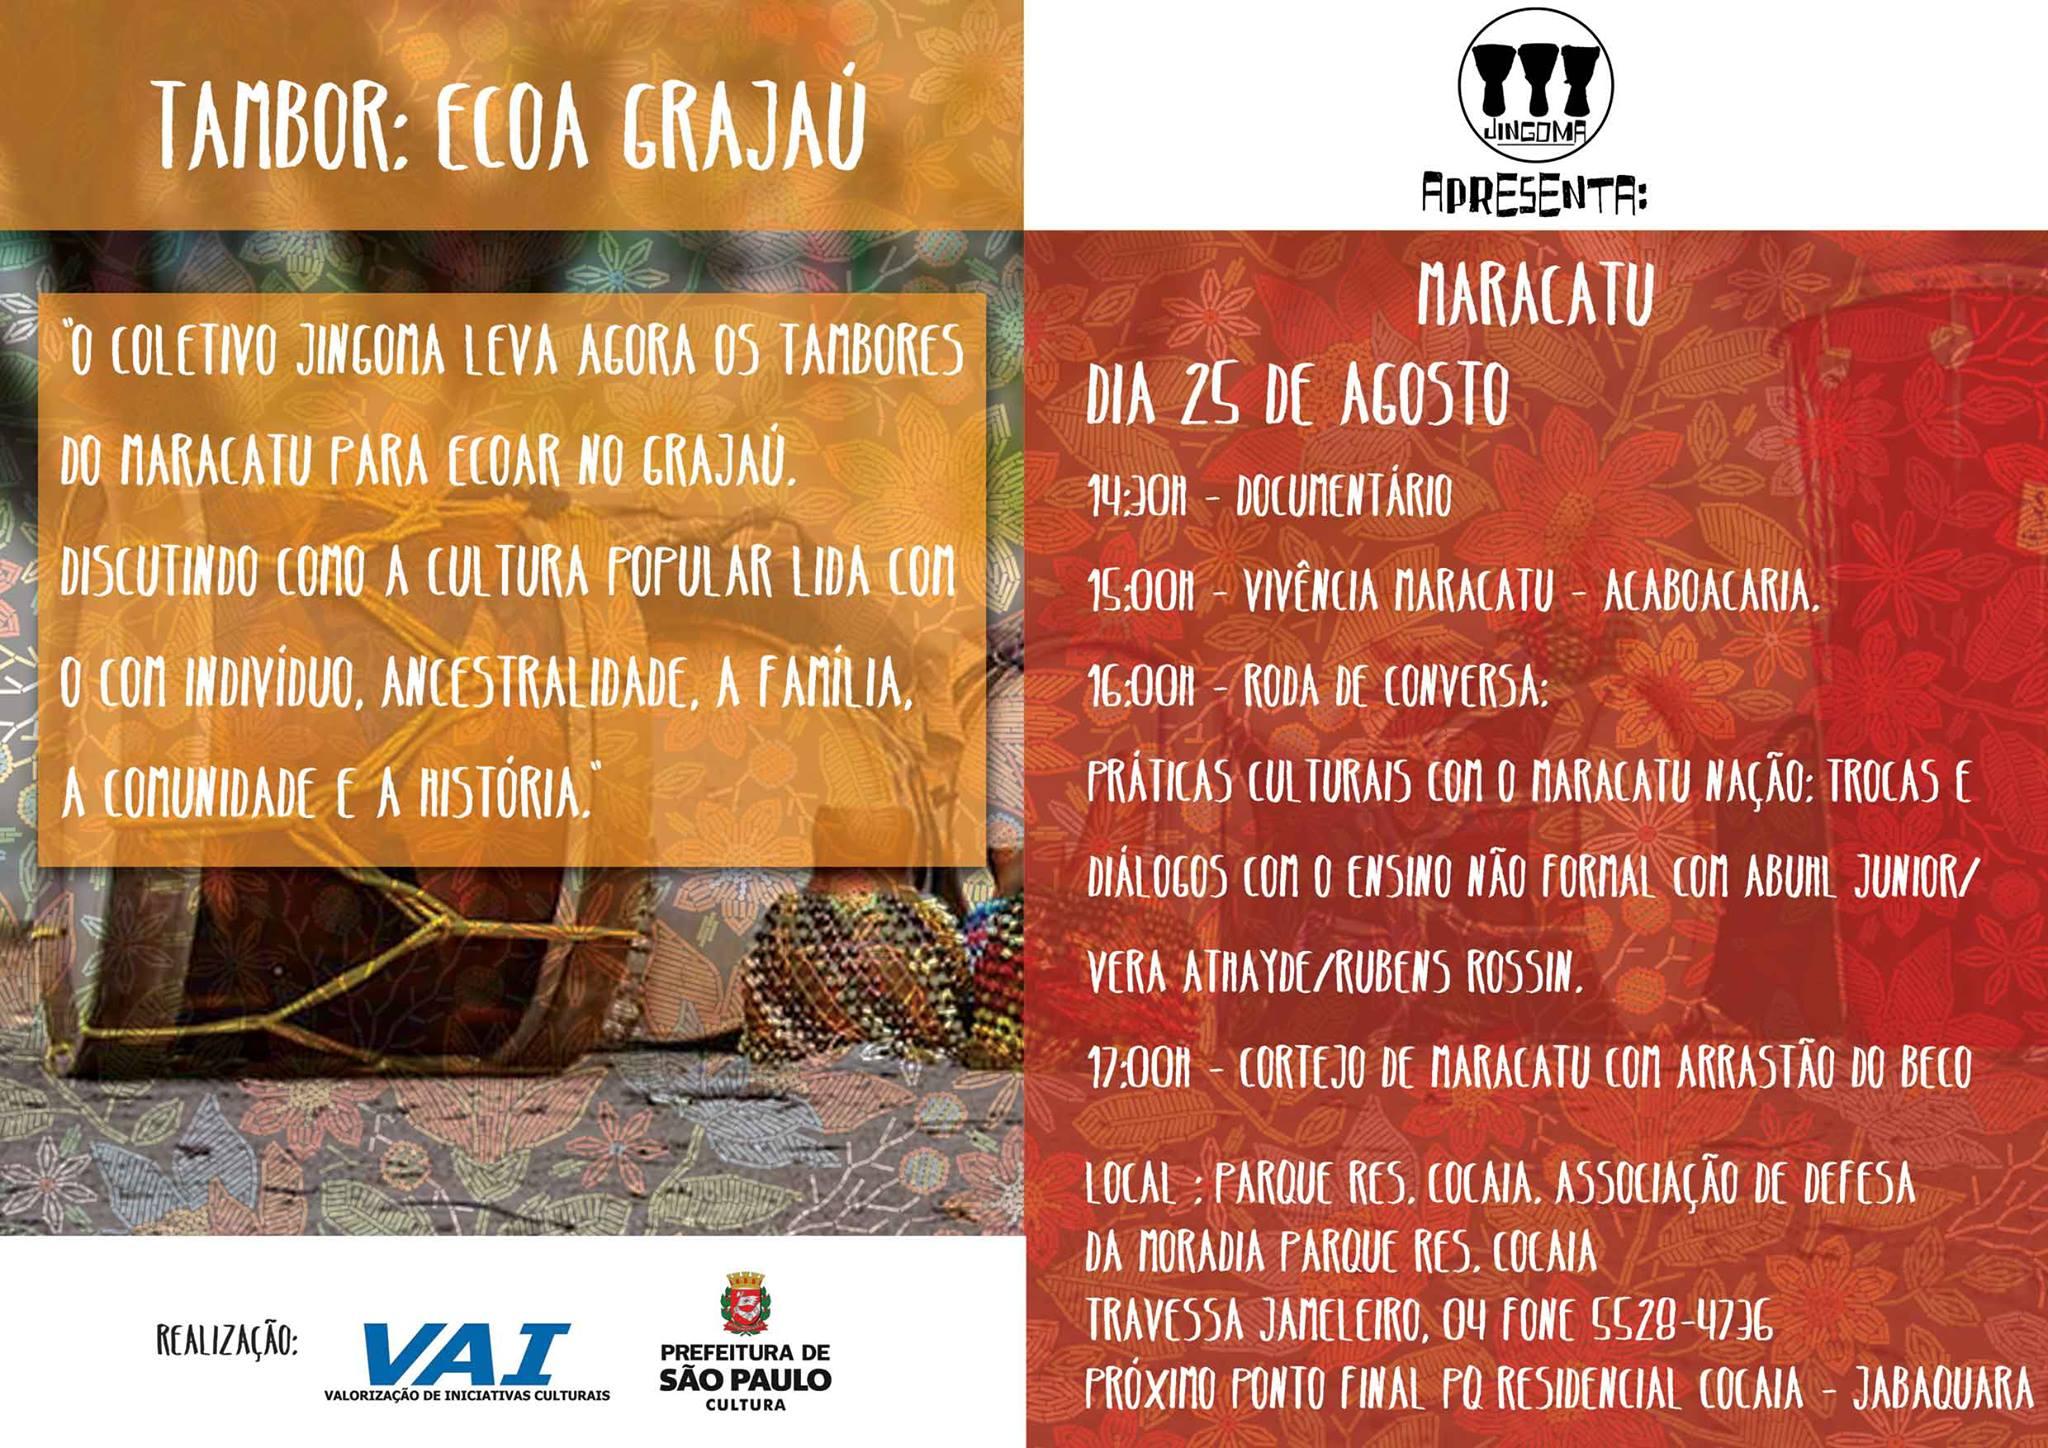 O Coletivo Jingoma leva agora os tambores do Maracatu do Arrastão do Beco para ecoar no Grajaú.Discutindo como a cultura popular lida com o com indivíduo, ancestralidade, a família, a comunidade e a história.